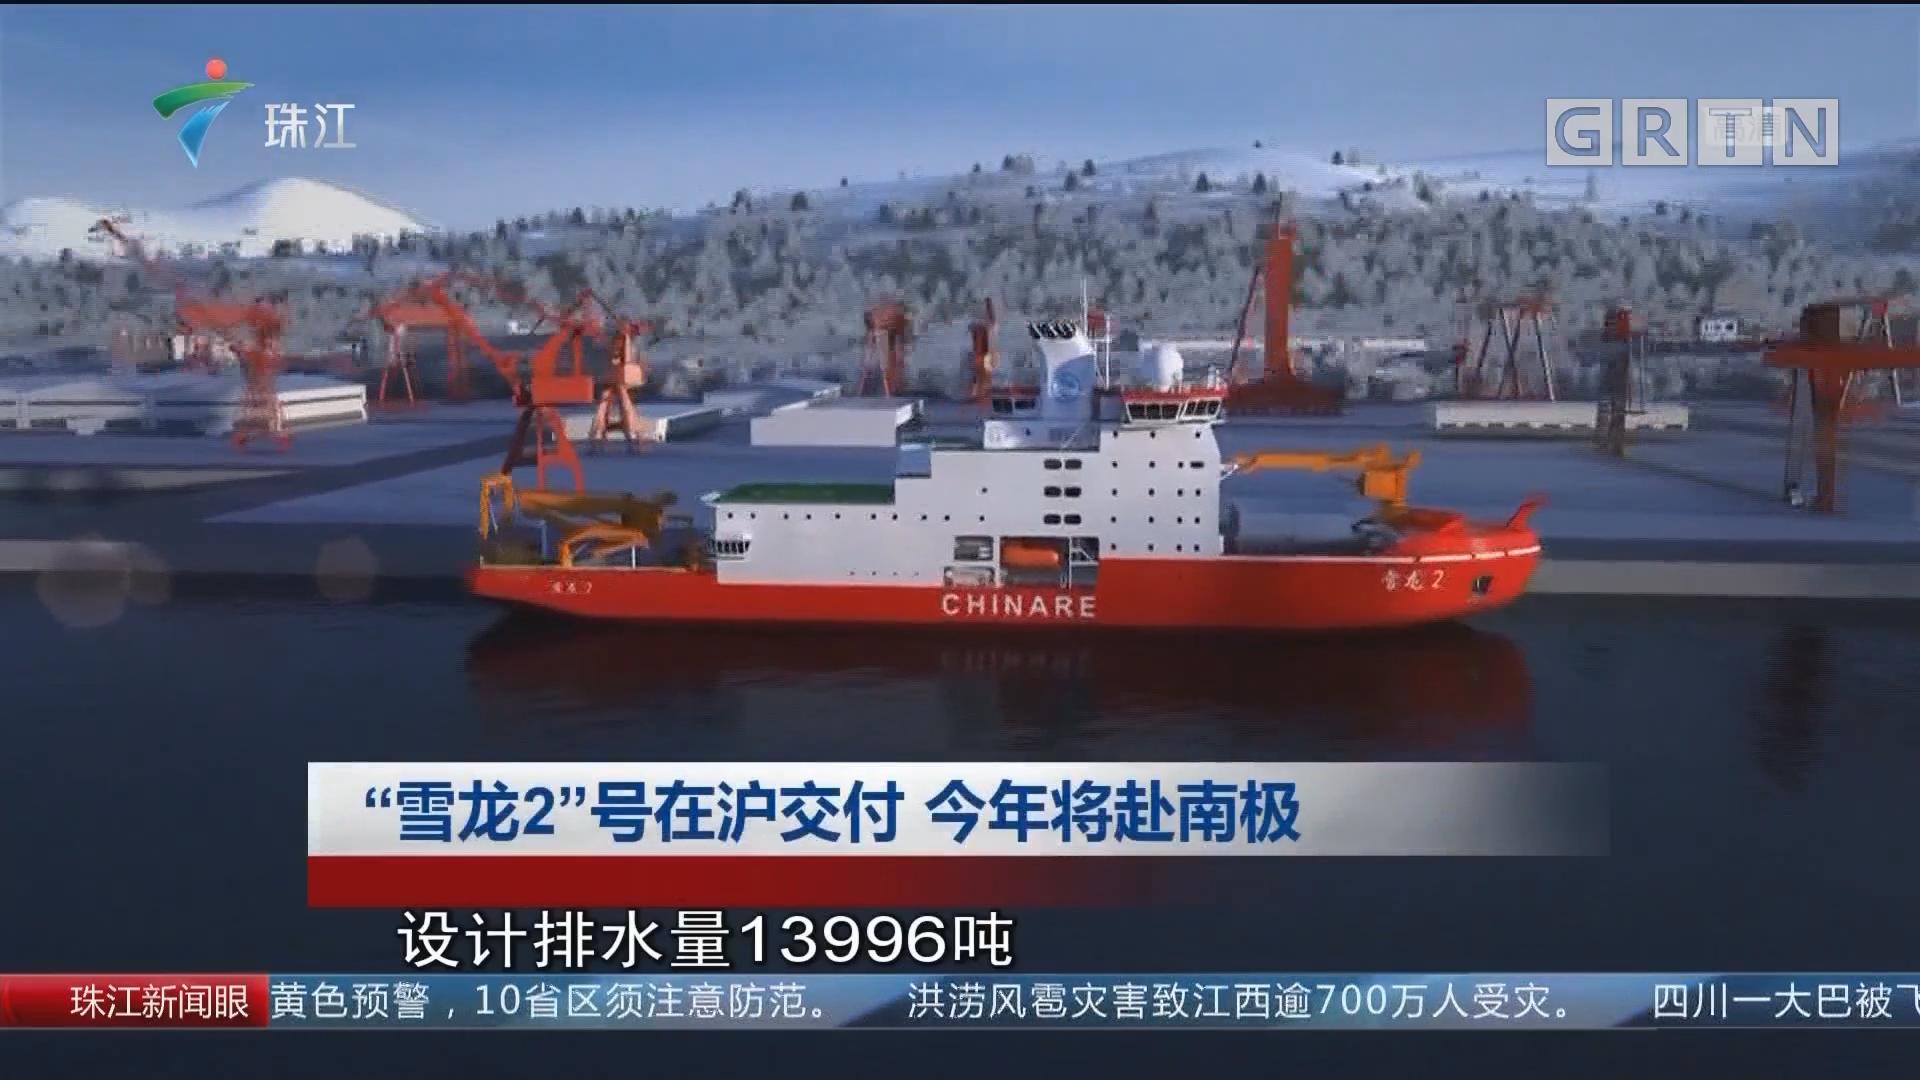 """""""雪龙2""""号在沪交付 今年将赴南极"""